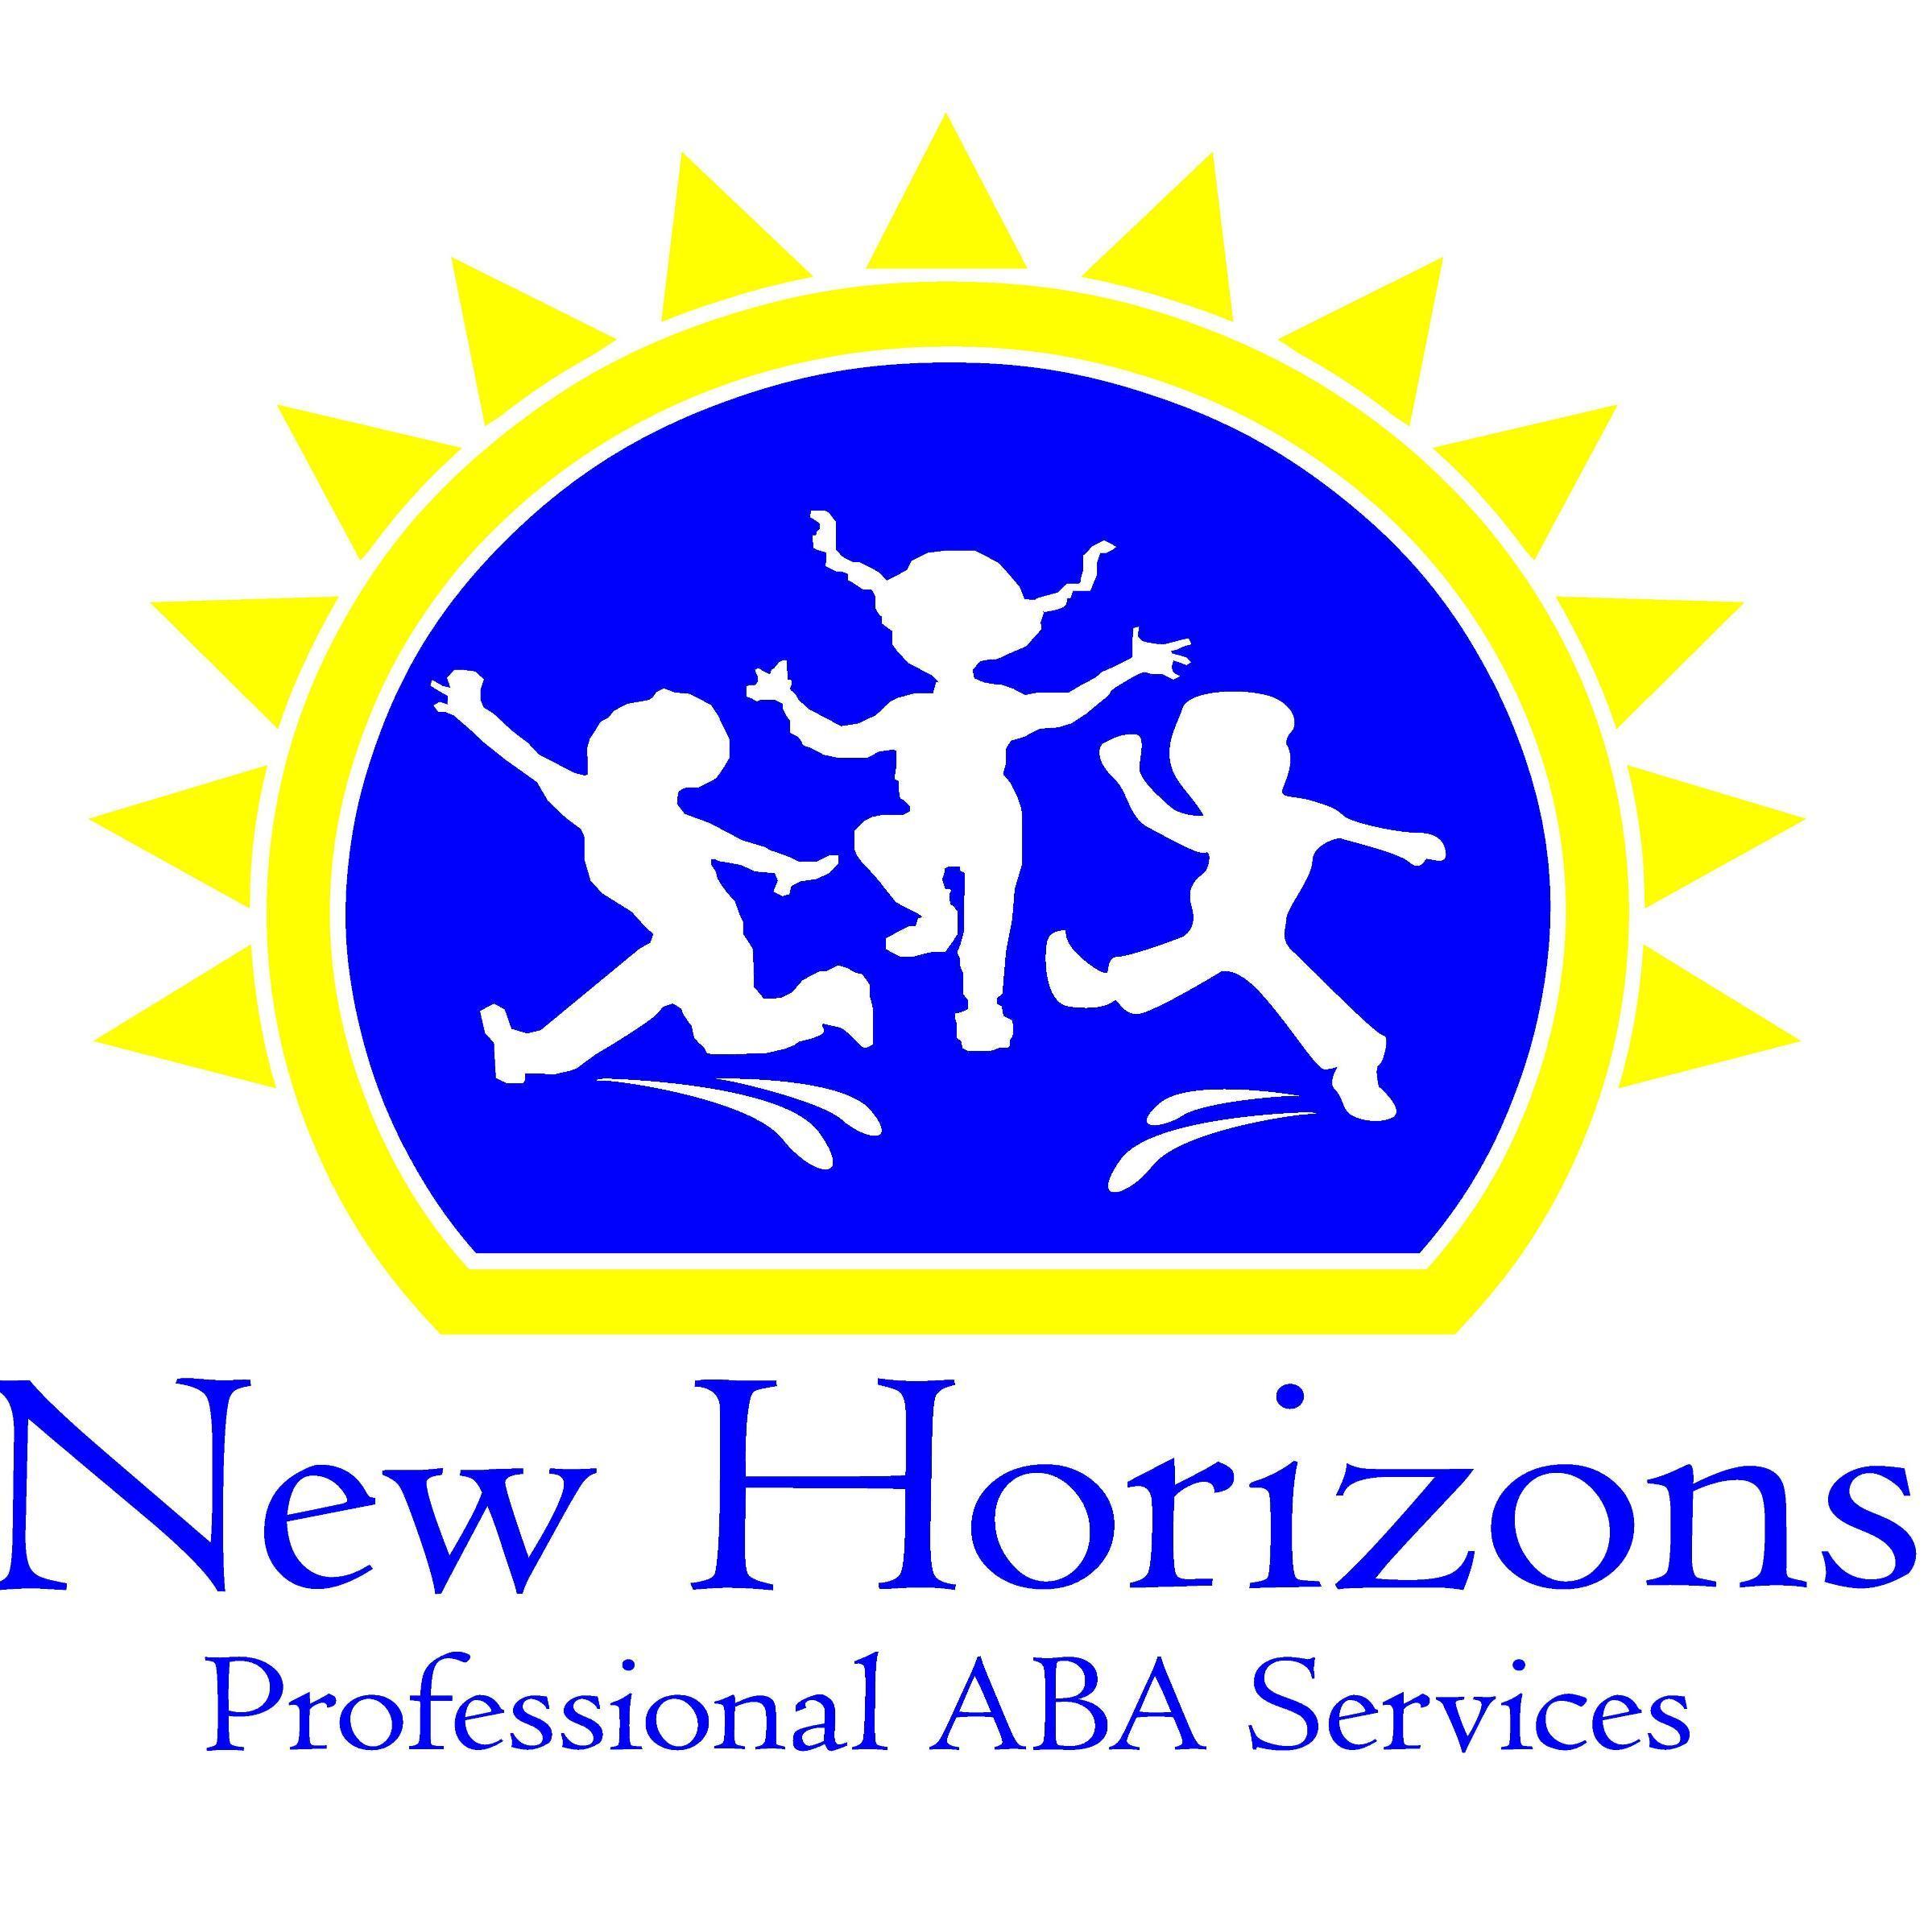 New Horizons ProfABA